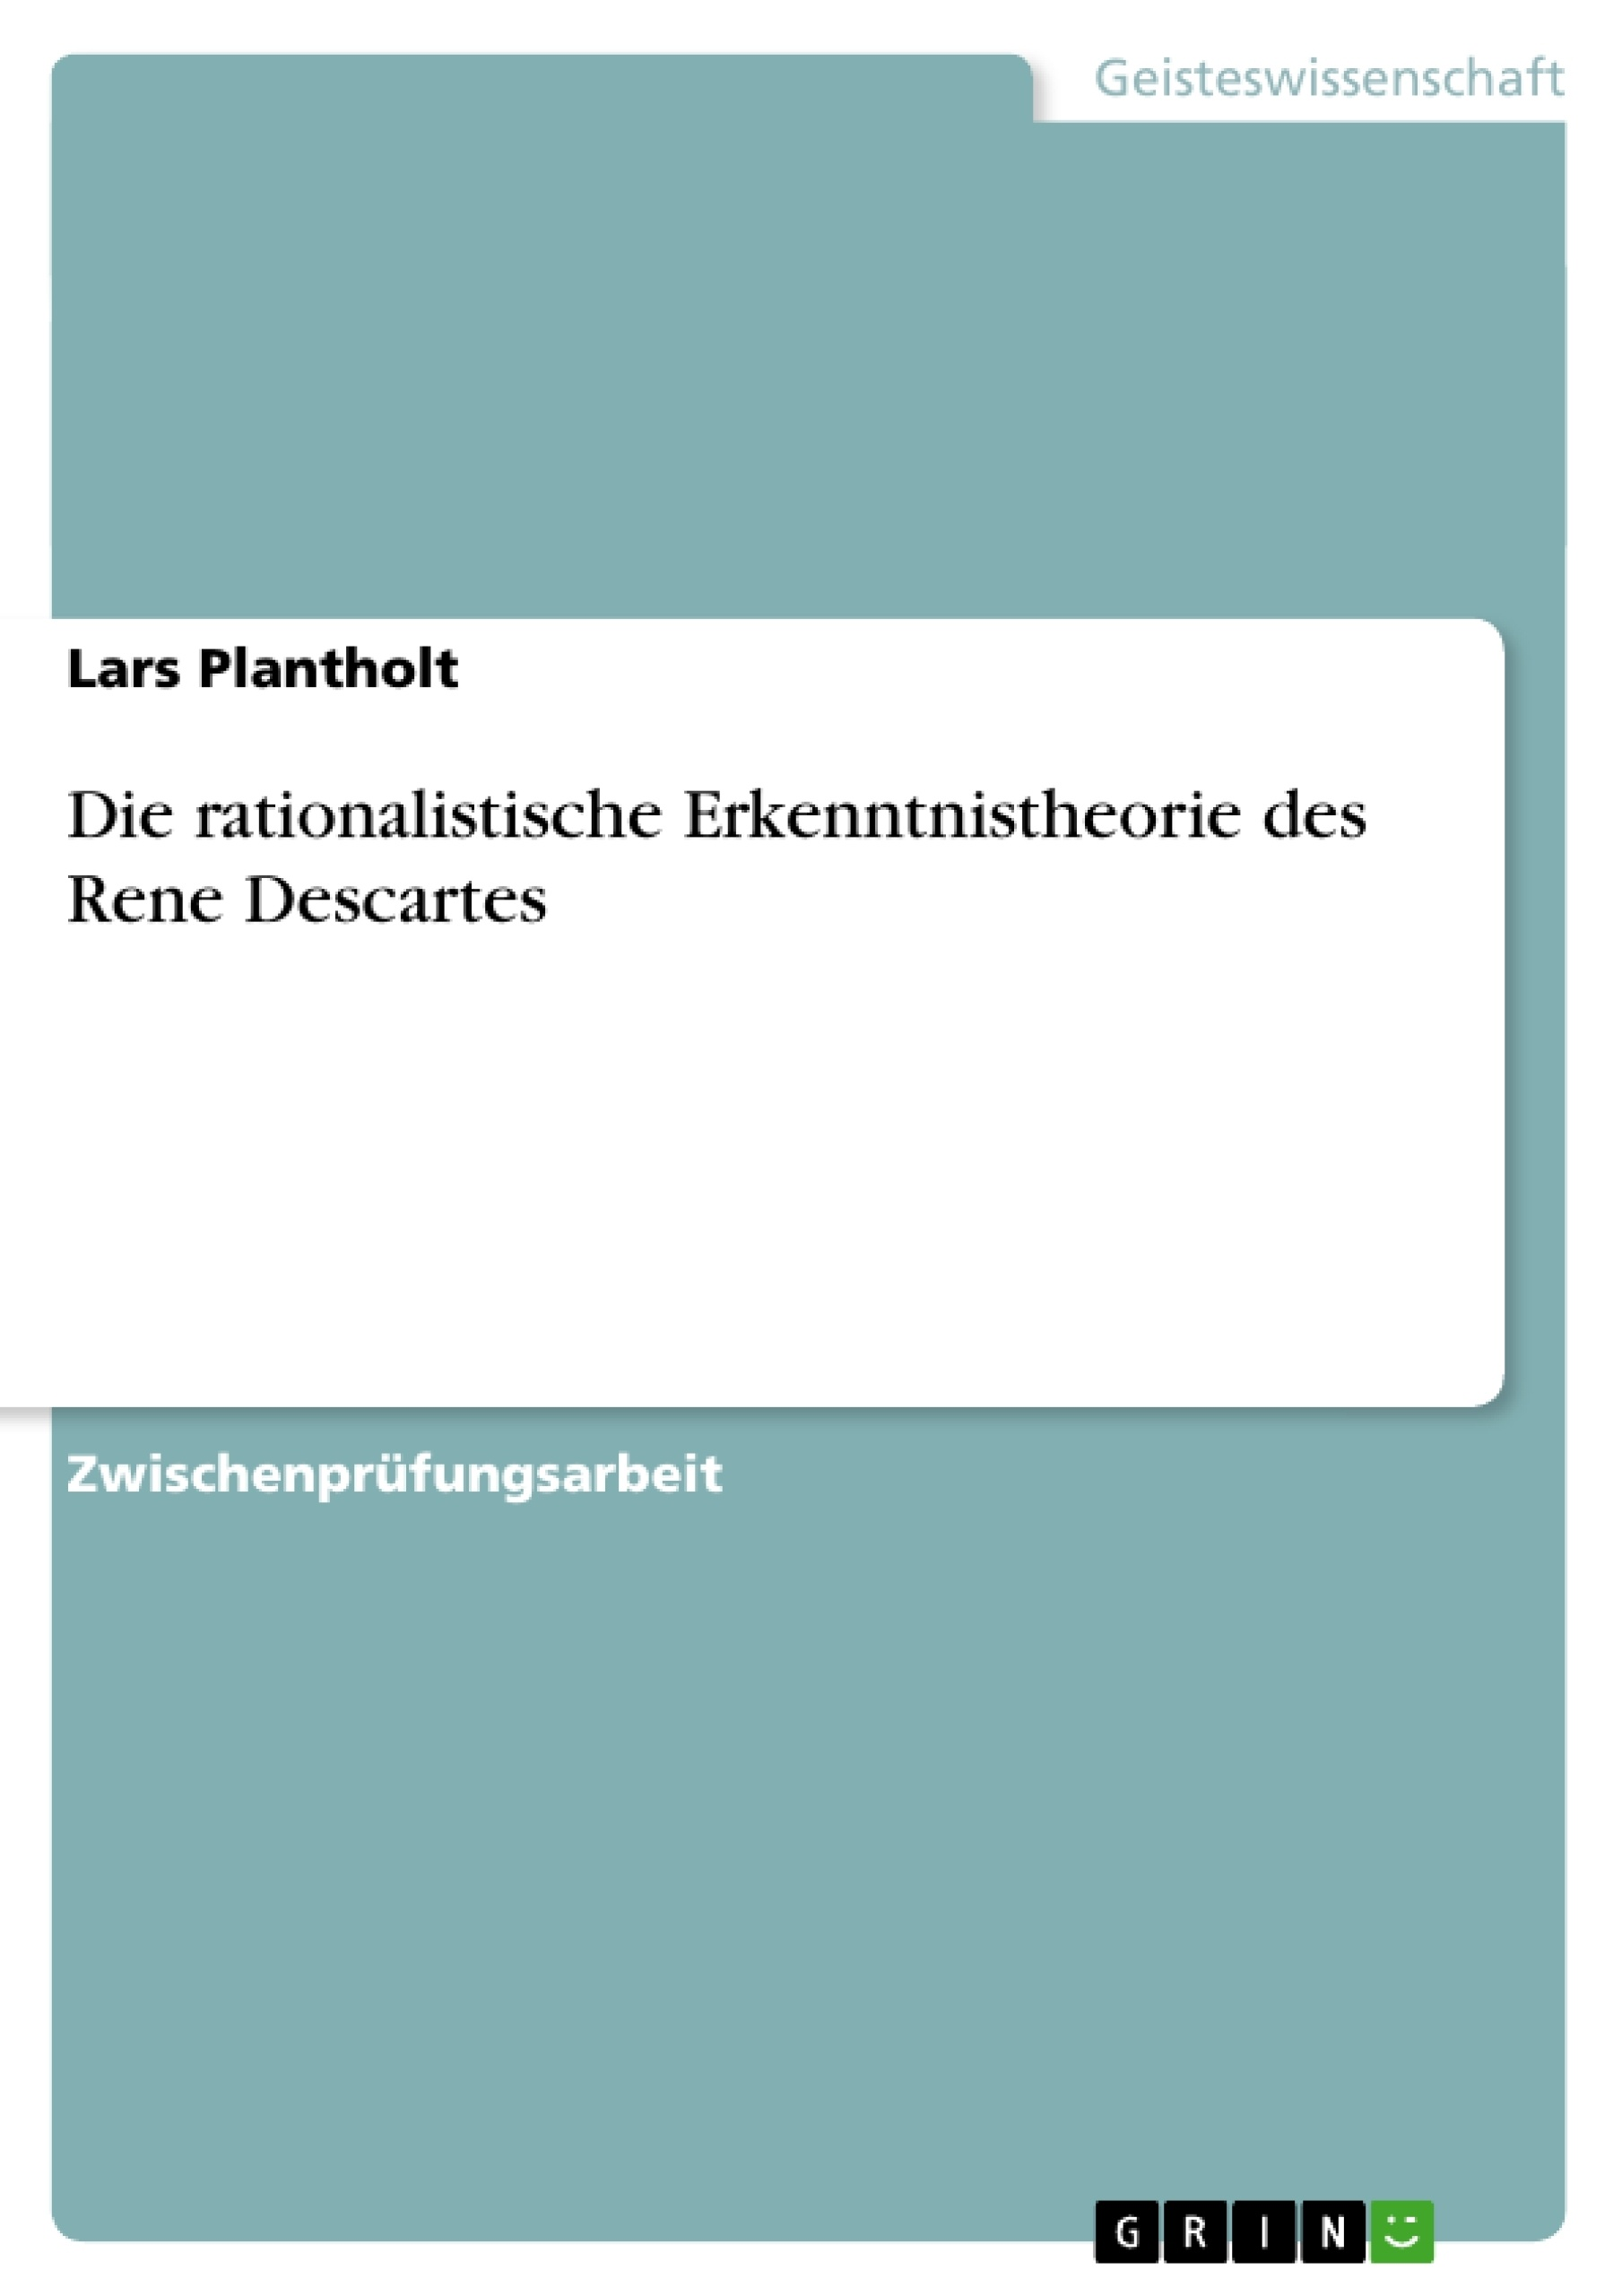 Titel: Die rationalistische Erkenntnistheorie des Rene Descartes